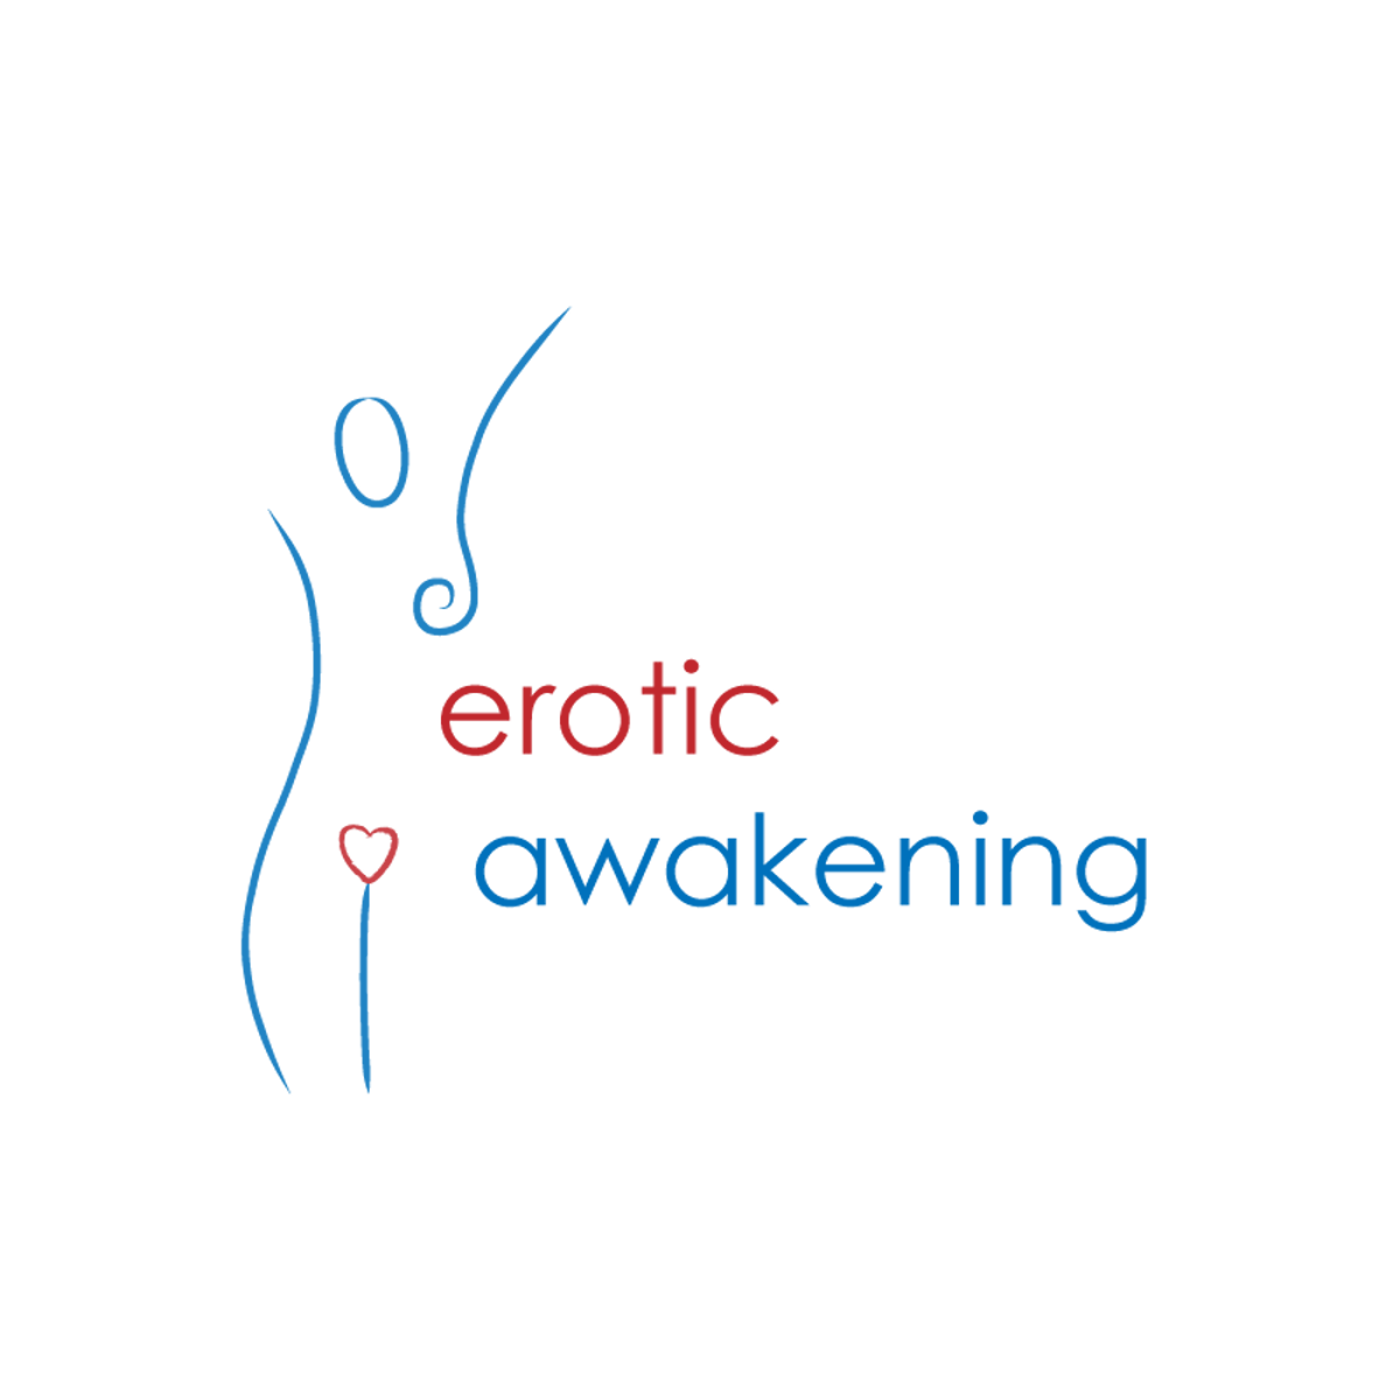 Erotic Awakening Podcast - EA451 - Sequential Sex & Mutual Self Pleasuring